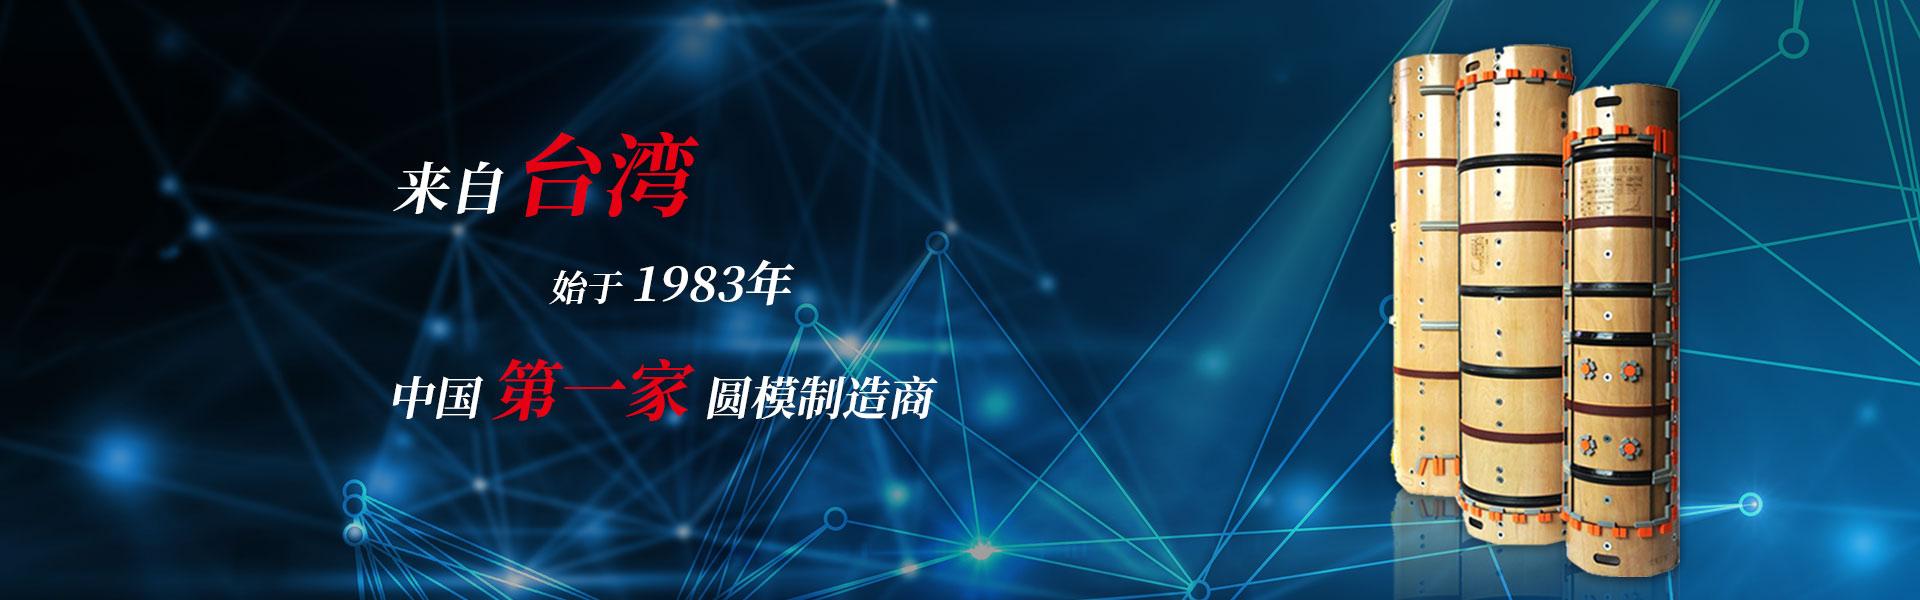 中国第一家圆模制造厂